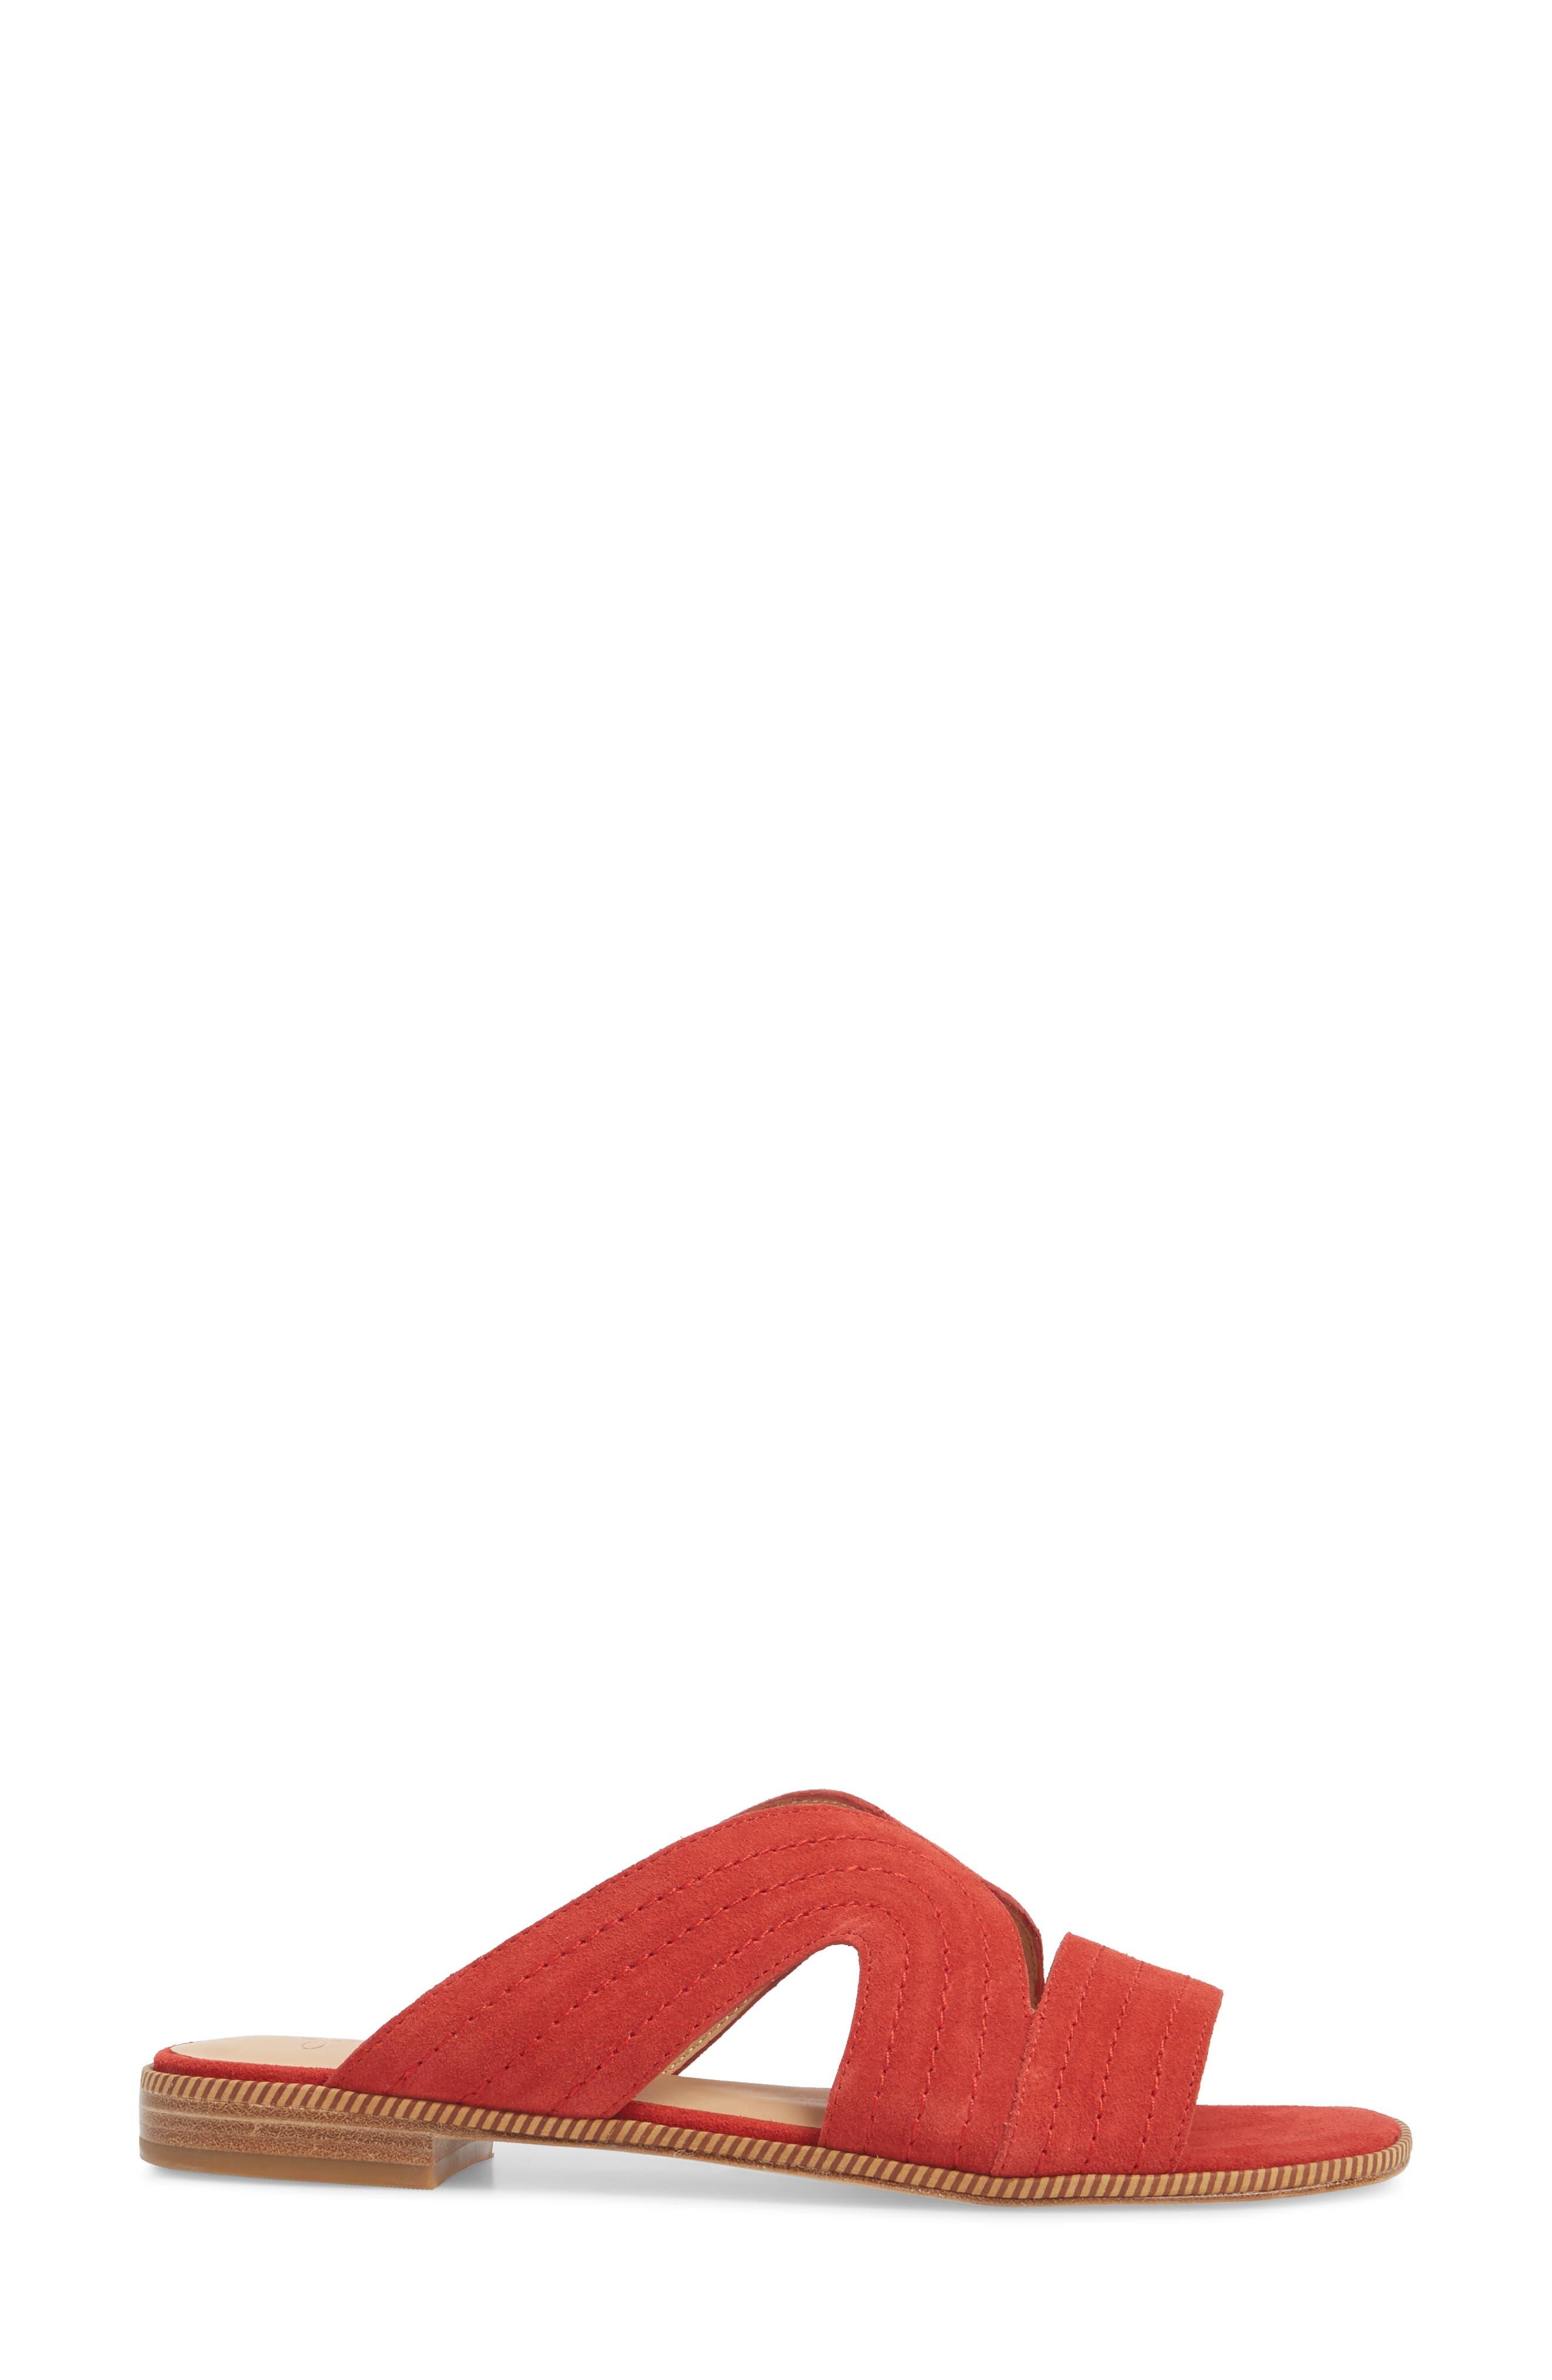 Paetyn Slide Sandal,                             Alternate thumbnail 3, color,                             Red